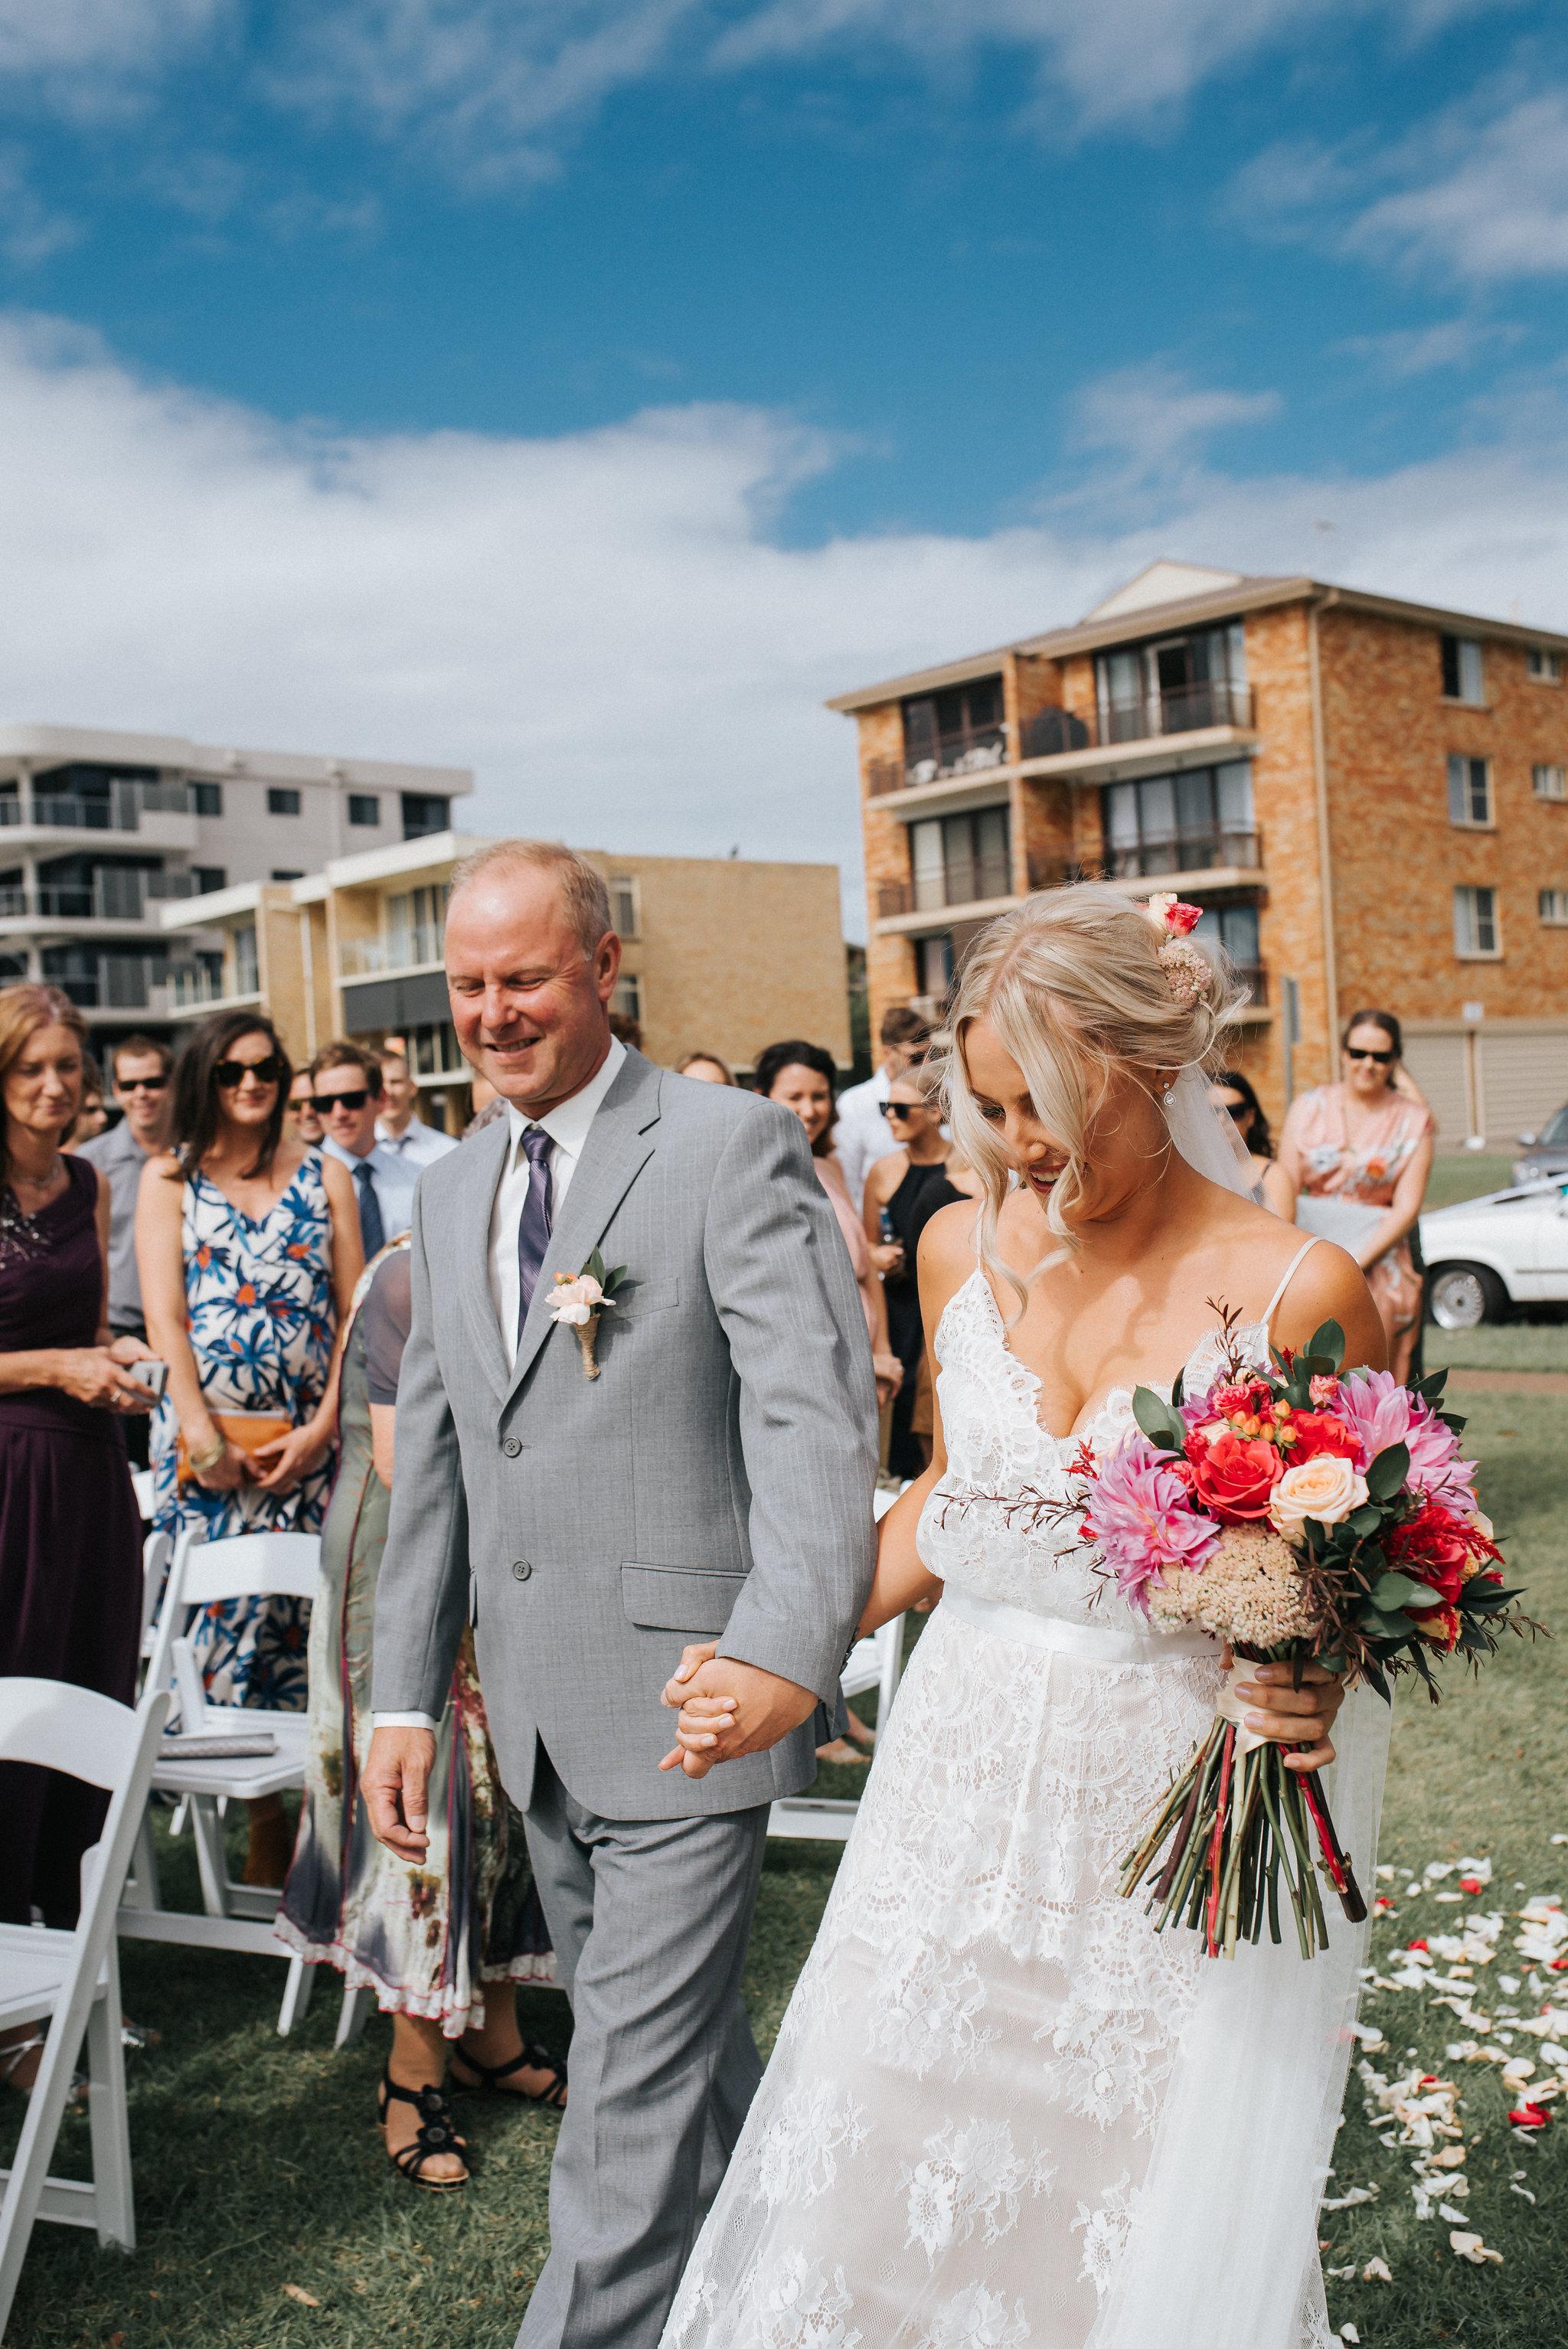 LITTLE-BEACH-WEDDING-MARCHANT-370.jpg